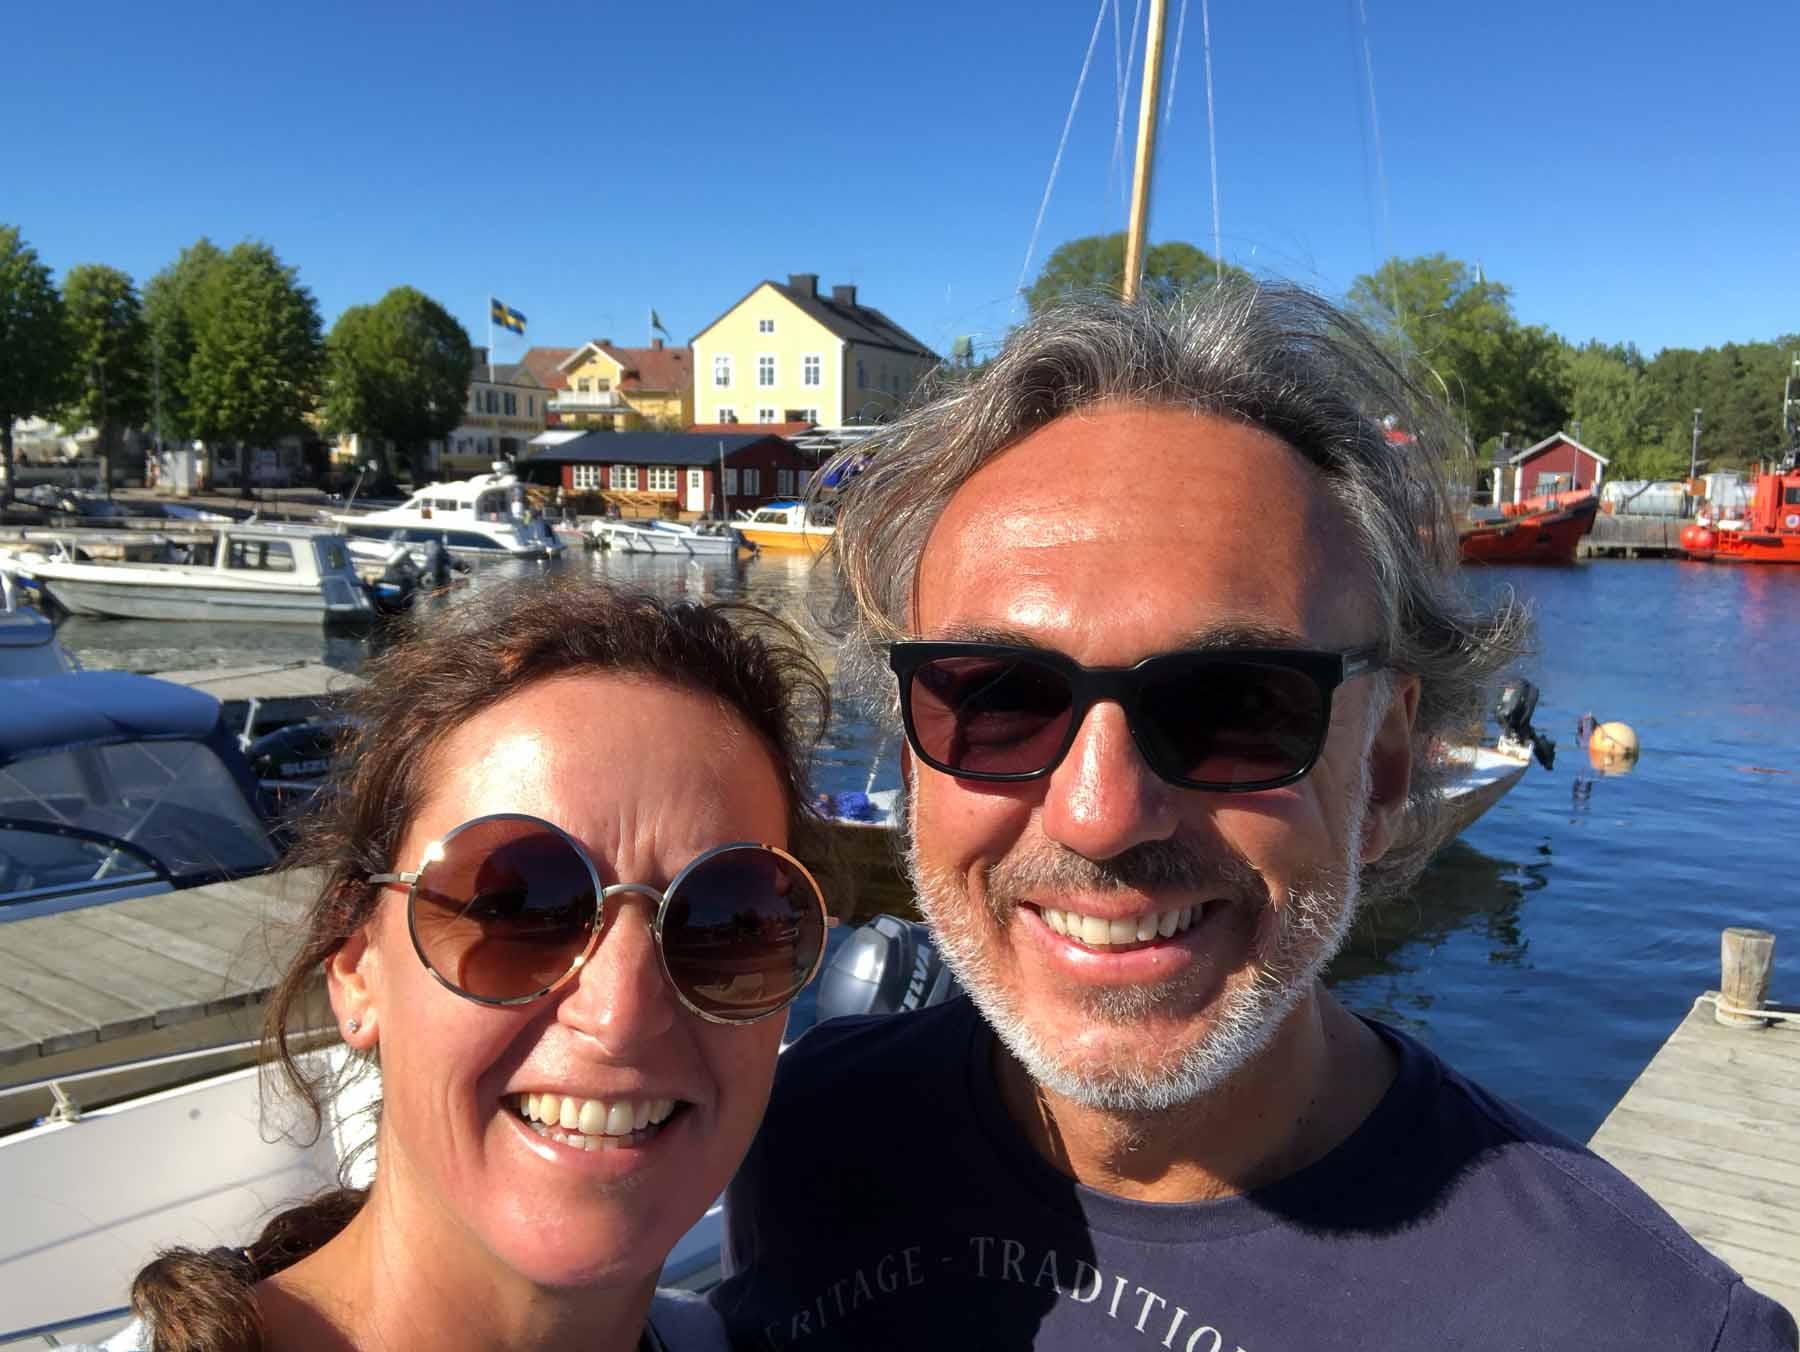 Wir verbringen einen netten Tag auf der Insel Stora Jolpan